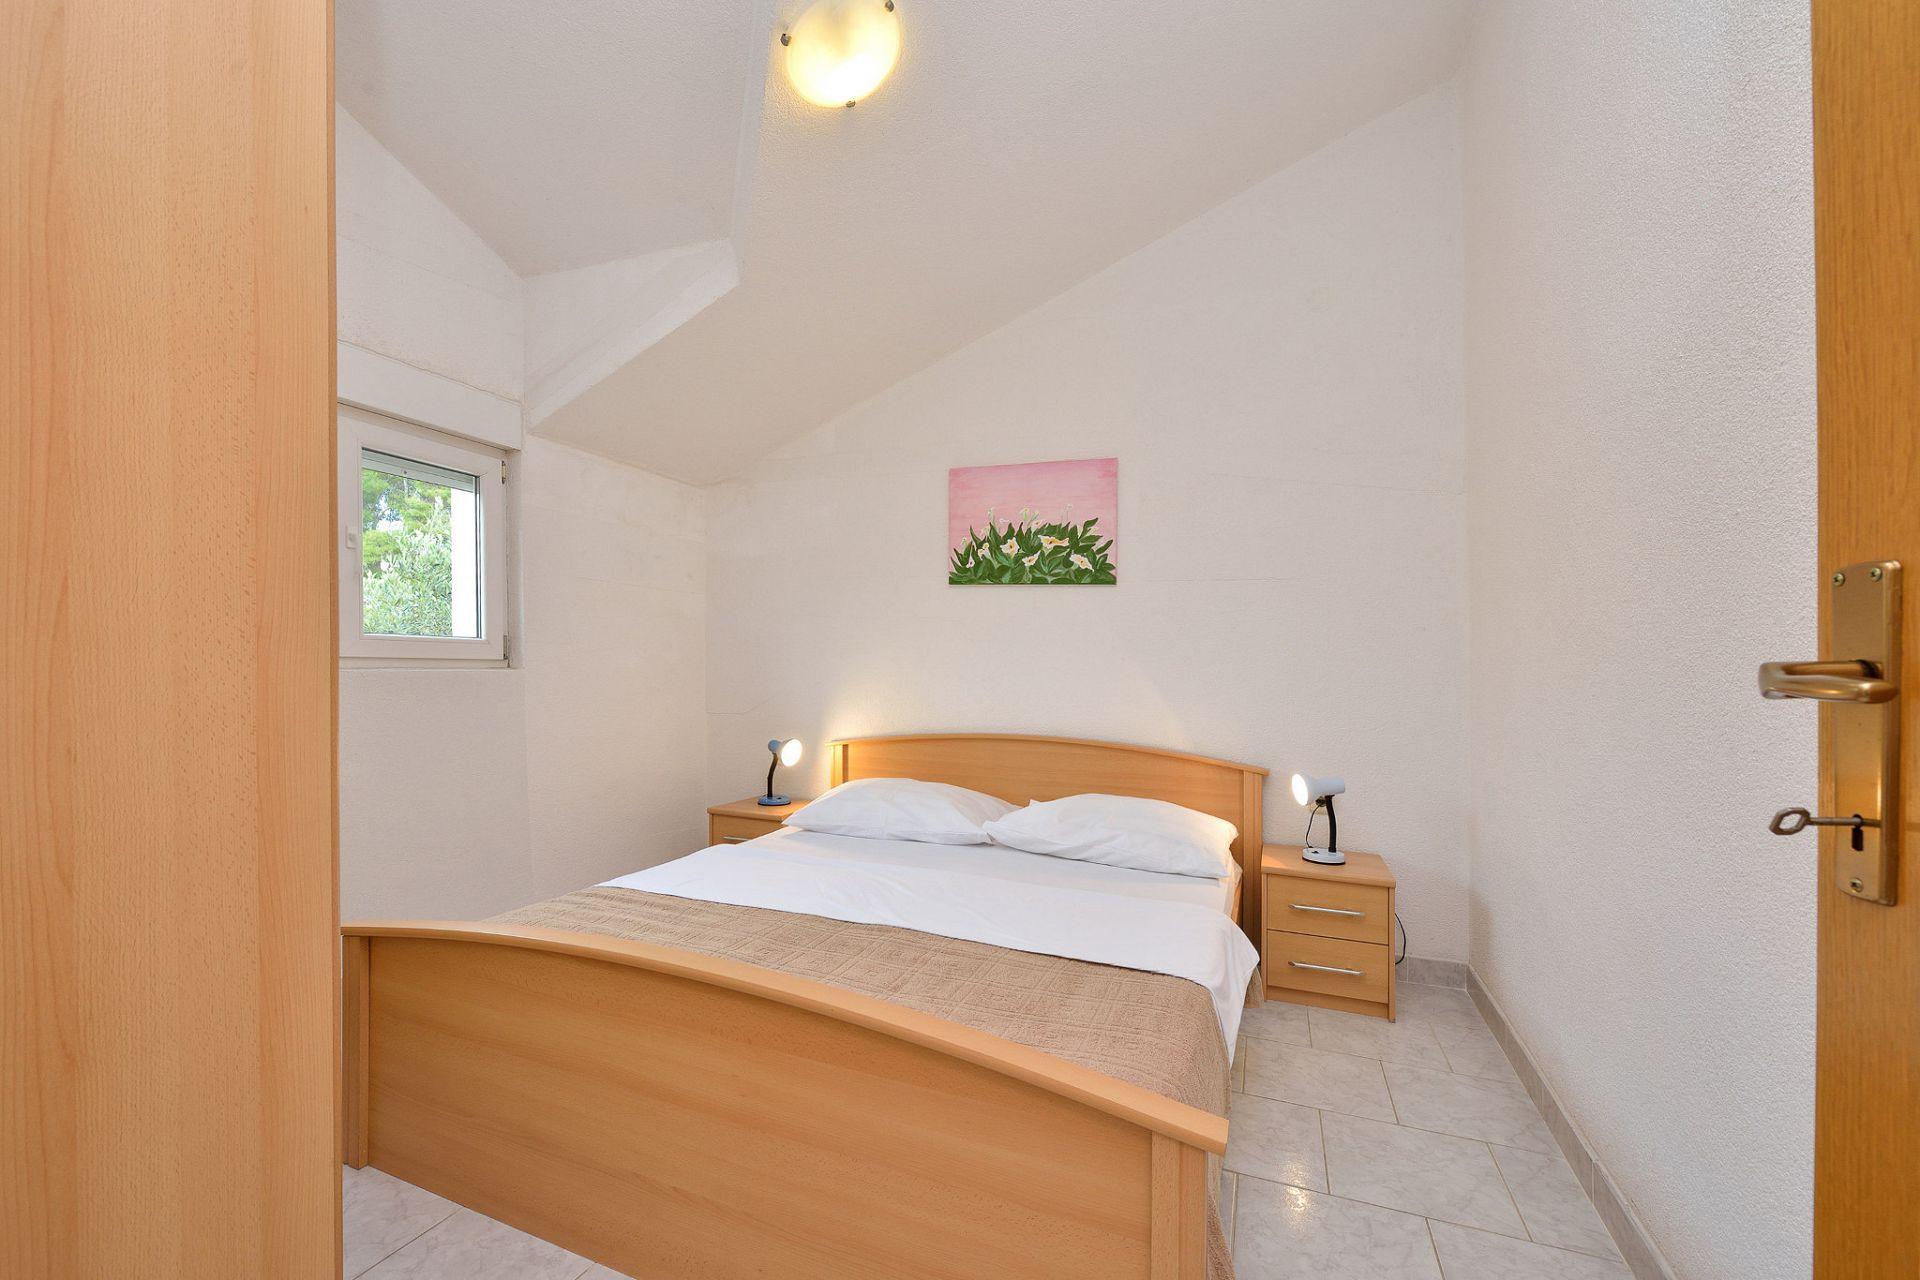 1675 - Drage - Apartmanok Horvátország - A3(2+2): hálószoba